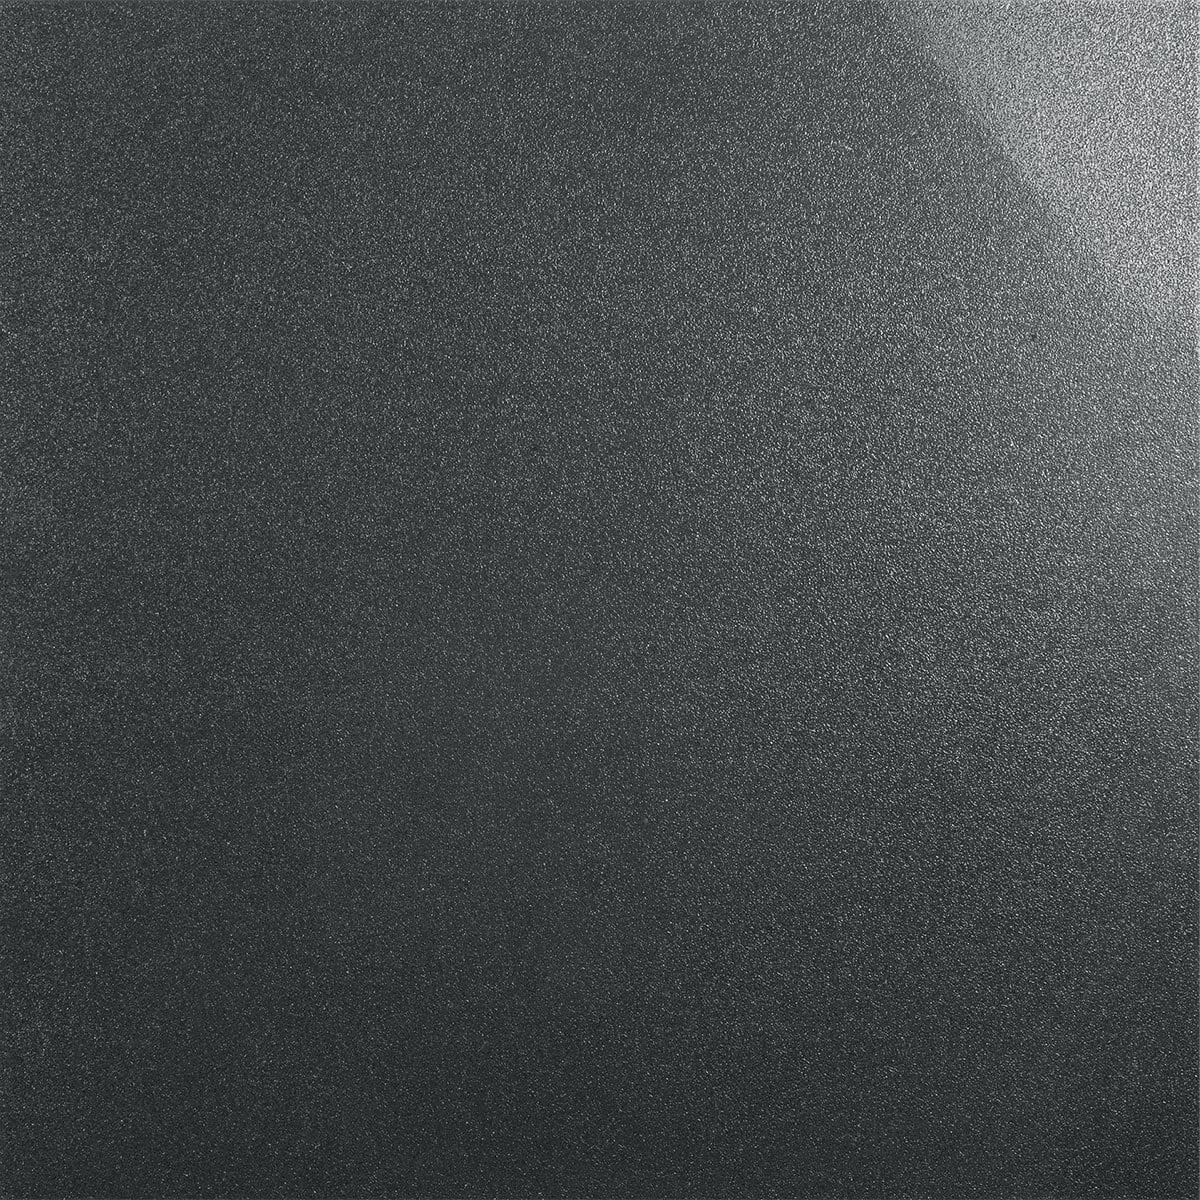 T10486 OMDVJ60 SMART LUX BLACK 24X24 1